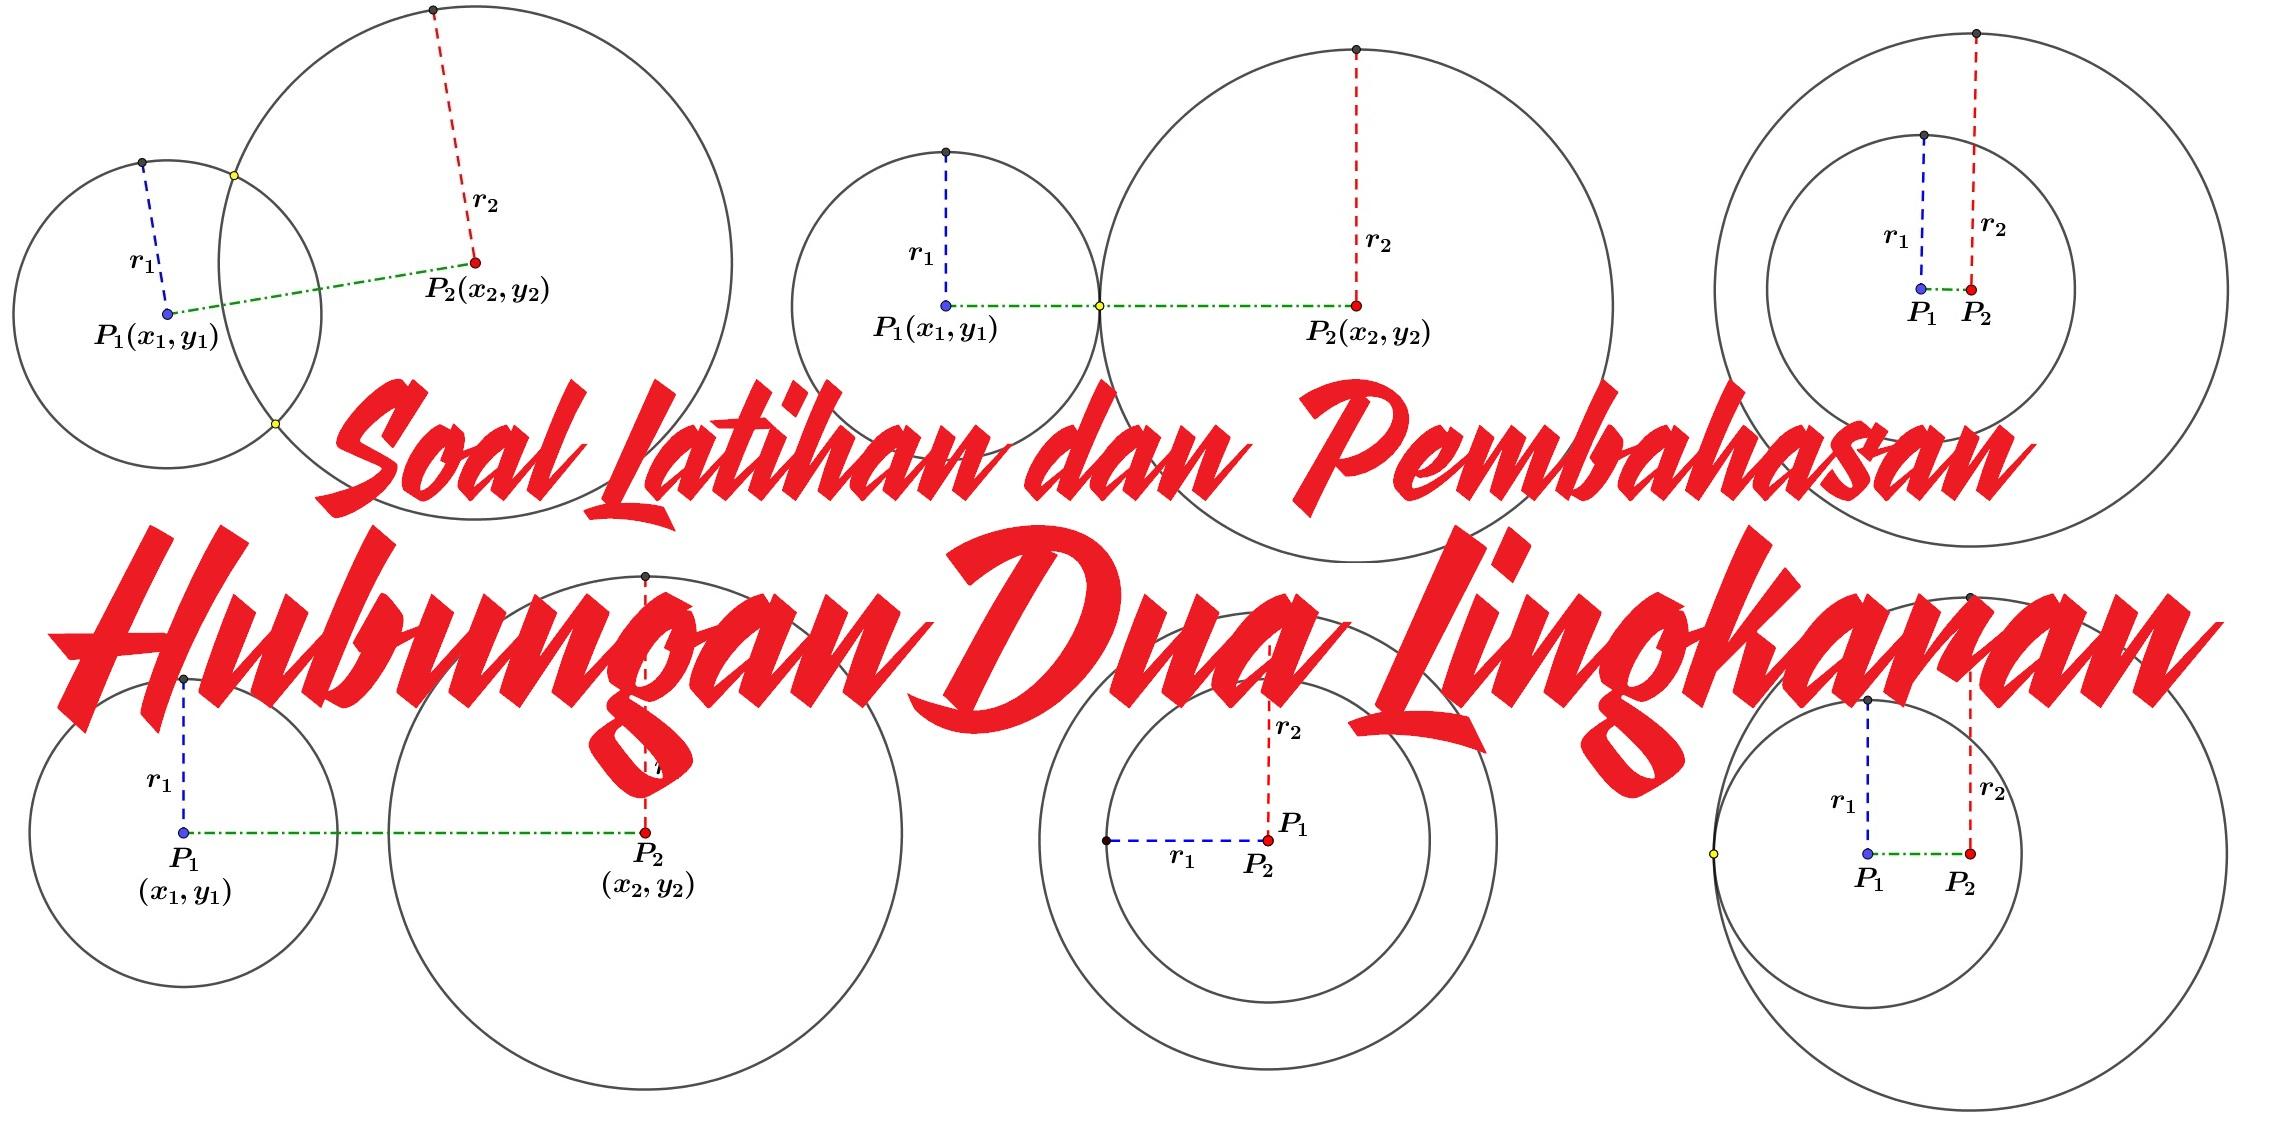 Cara mudah menentukan Hubungan Dua Lingkaran lingkaran